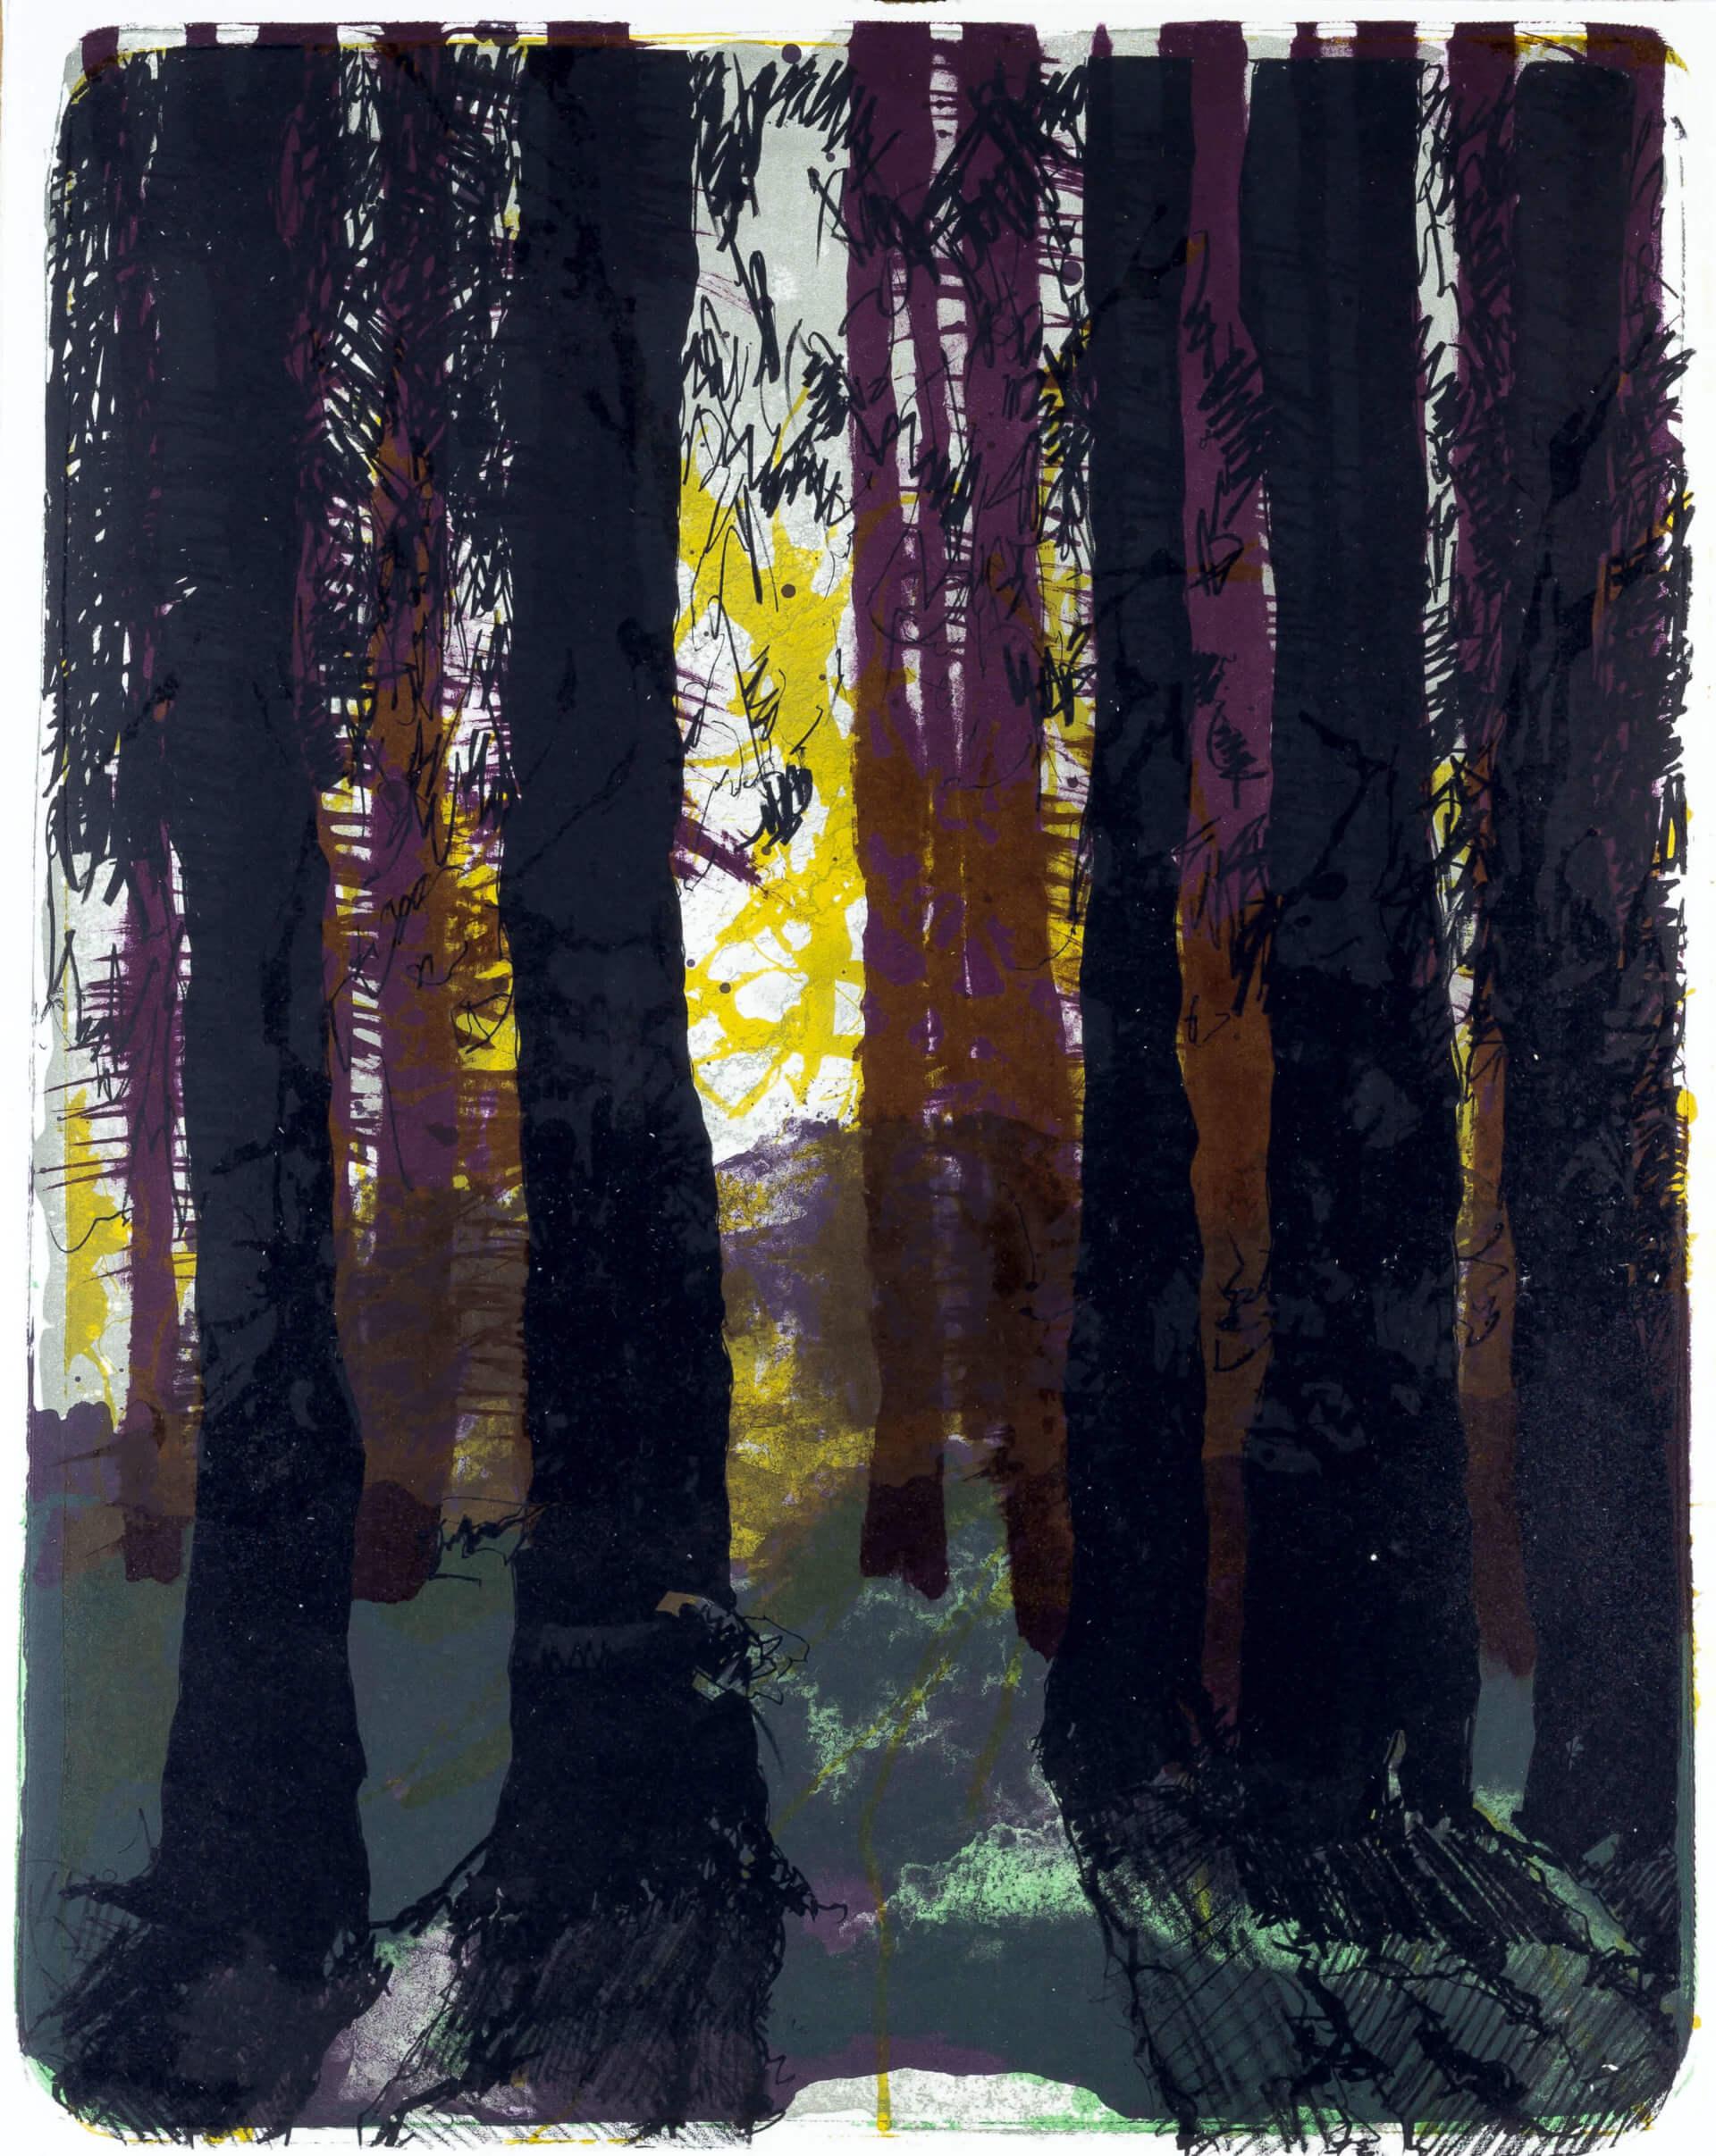 Katharina Albers, Wald X-XXXII, 2015, Farblithographie, Unikat, 50×40 cm